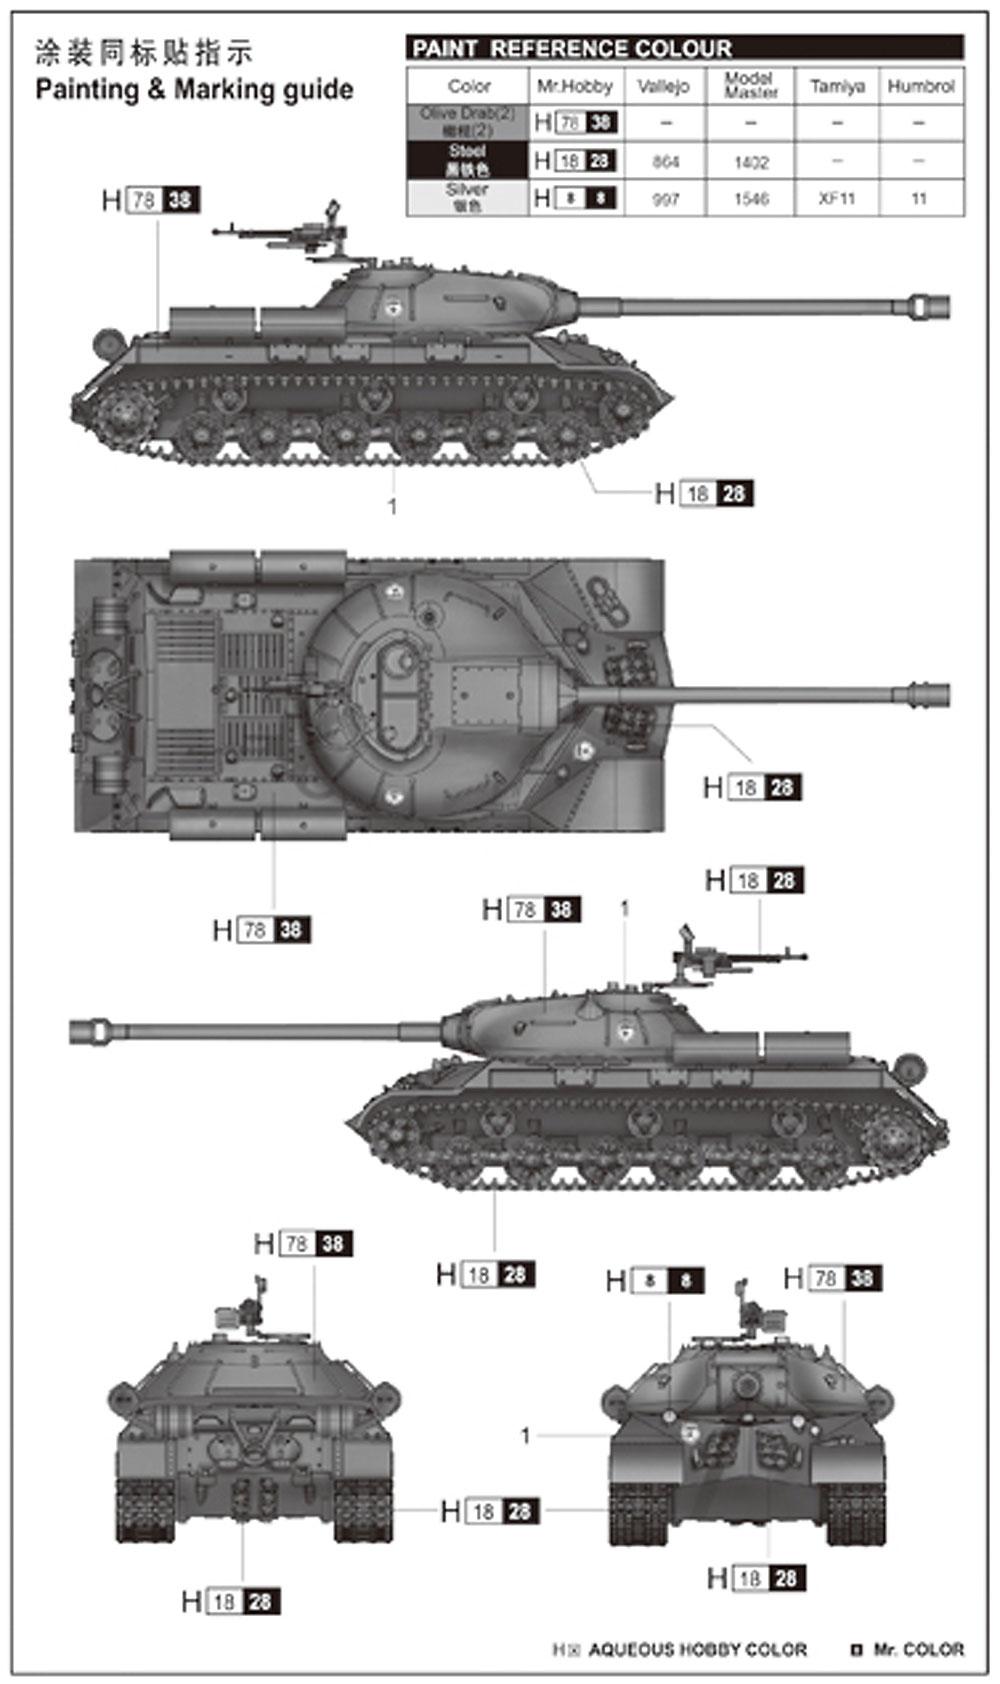 ロシア JS-3 BL-9 122mm砲搭載型プラモデル(トランペッター1/72 AFVシリーズNo.07163)商品画像_2